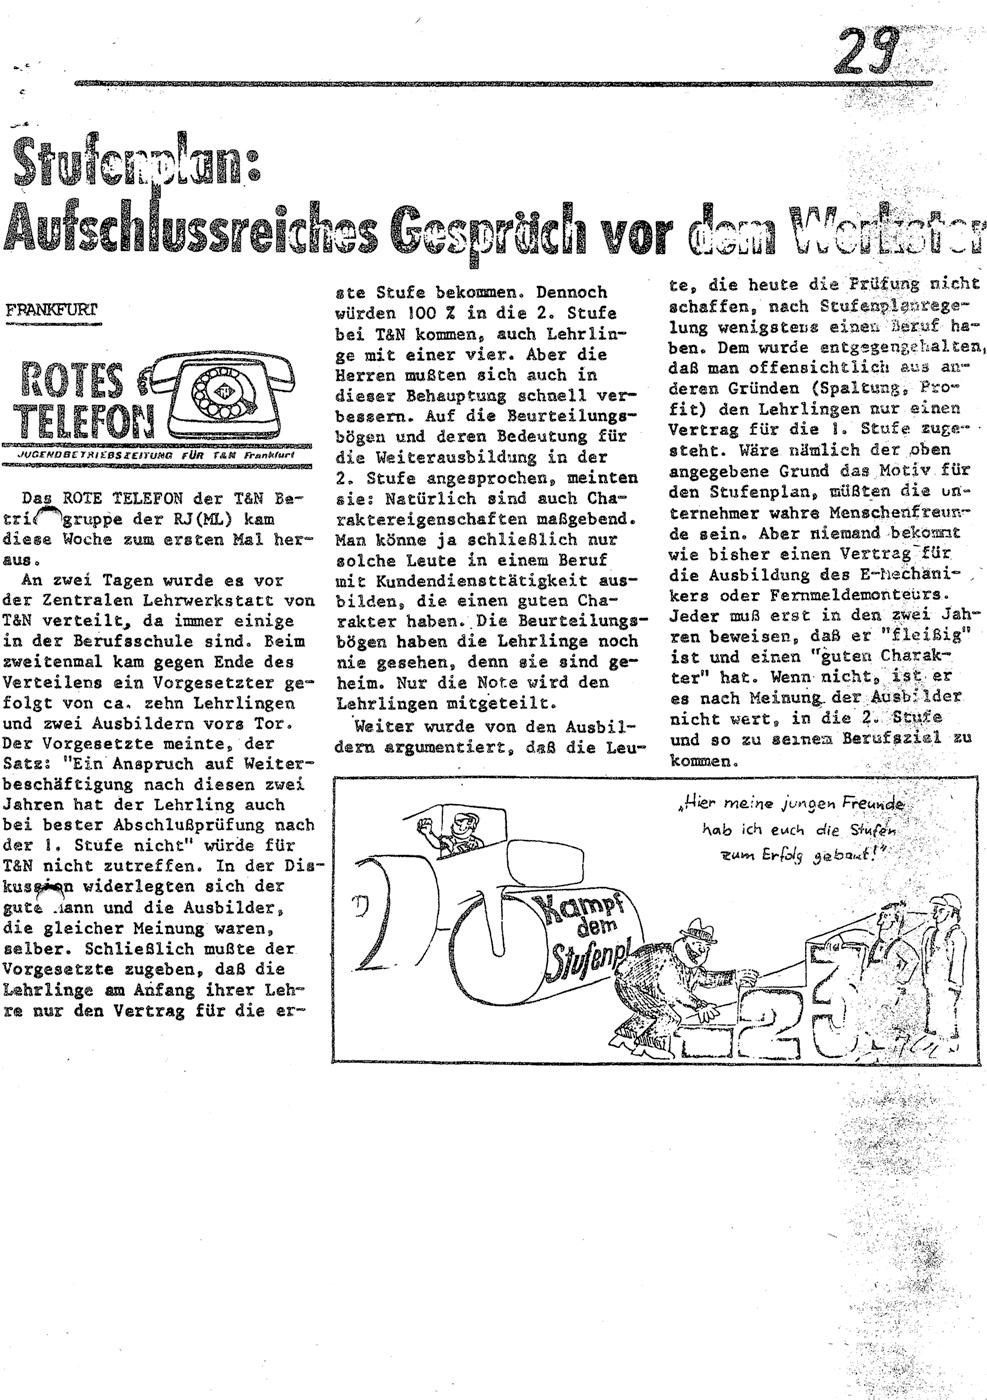 KABRW_Arbeitshefte_1977_25_028